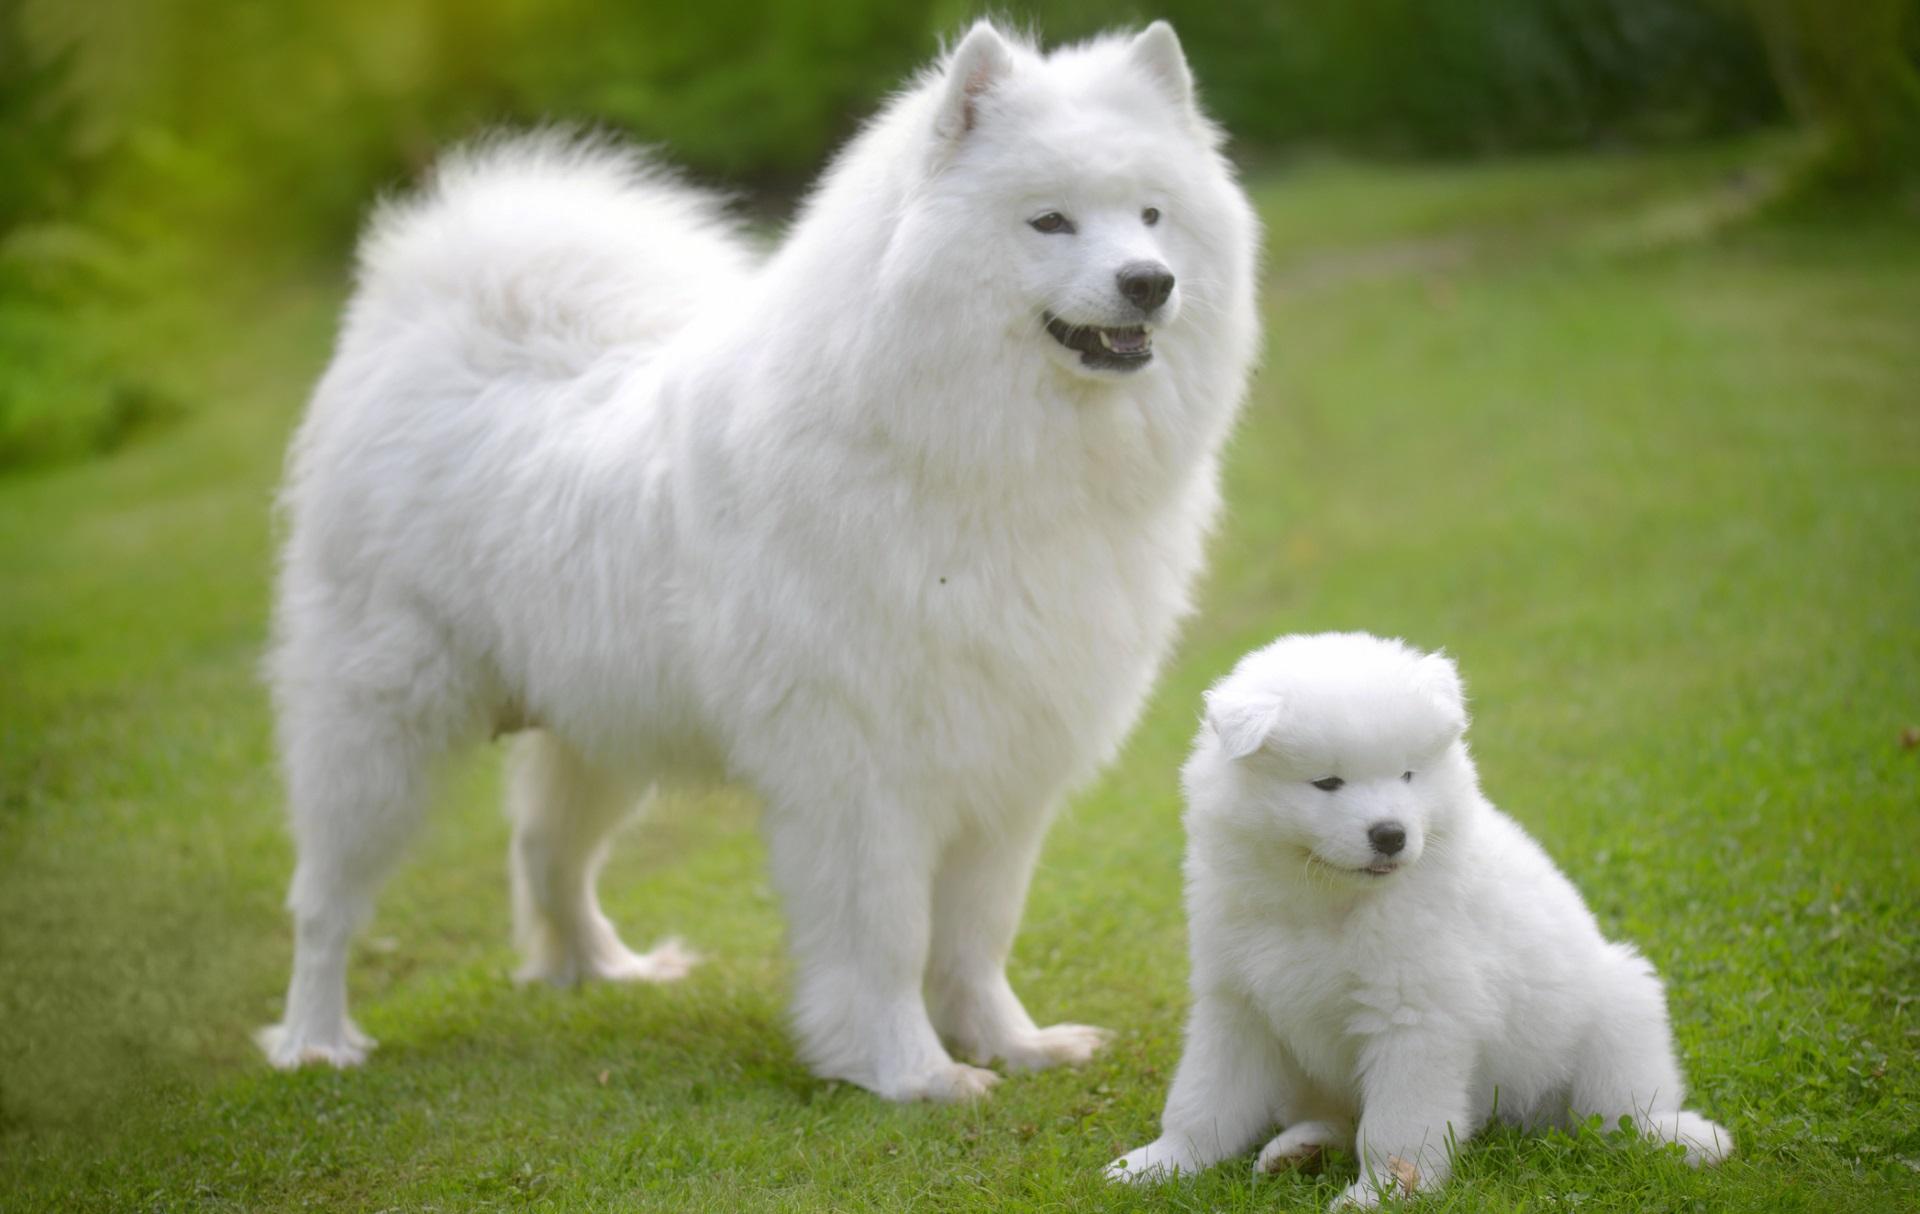 <p><strong>Самоед</strong></p>  <p>Сибирски кучета, отглеждани от номадски овчари на северни елени за пазачи на стадото и теглене на шейни - днес самоедите са едни от най-скъпите кучета и се продават за между 6500 и 12 000 долара. Това е любяща и игрива порода, която се разбира добре със семейството си, те са отлични спътници за малки деца и за хора в напреднала възраст.</p>